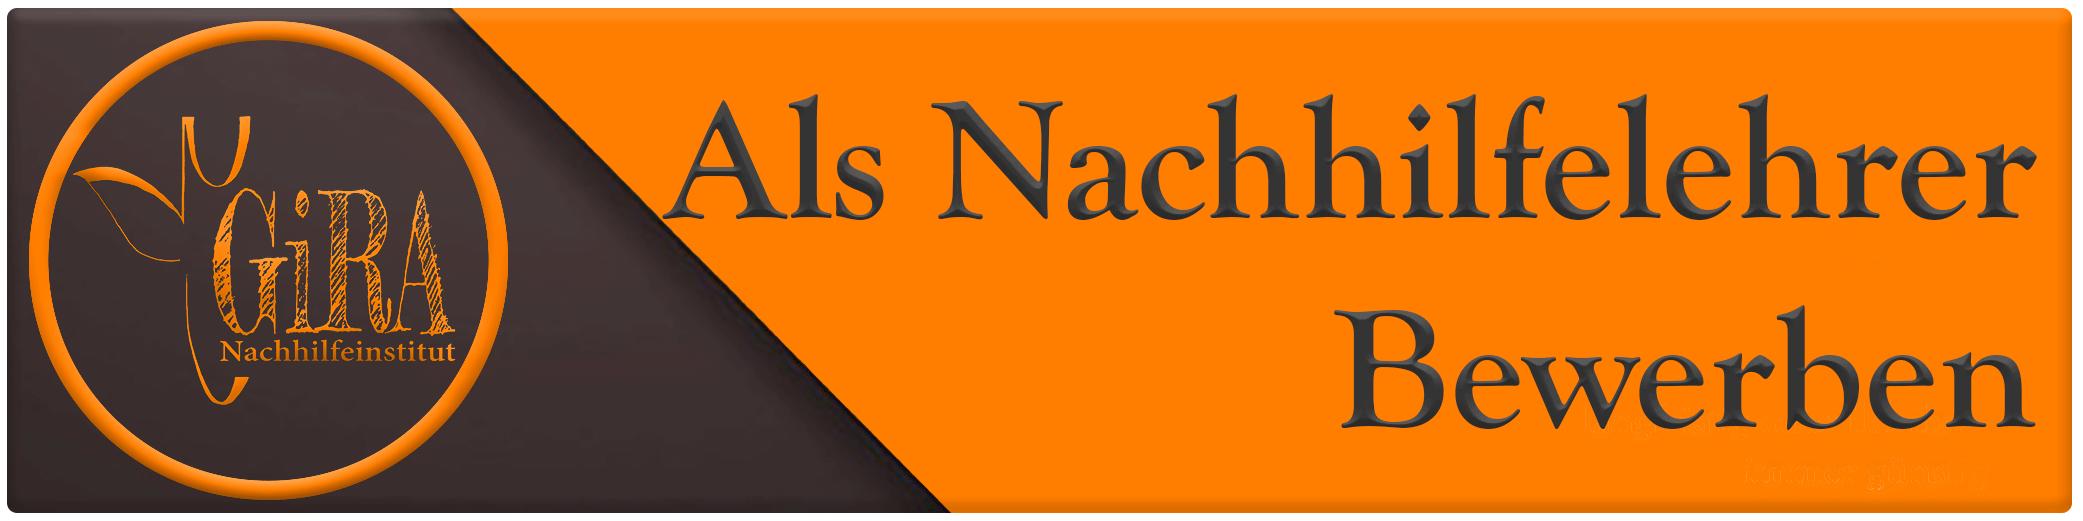 nachhilfe gira Nachhilfe in Brandenburg & Nachhilfe in Potsdam – GiRA – Gemeinsam in Richtung Abschluss Lehrer